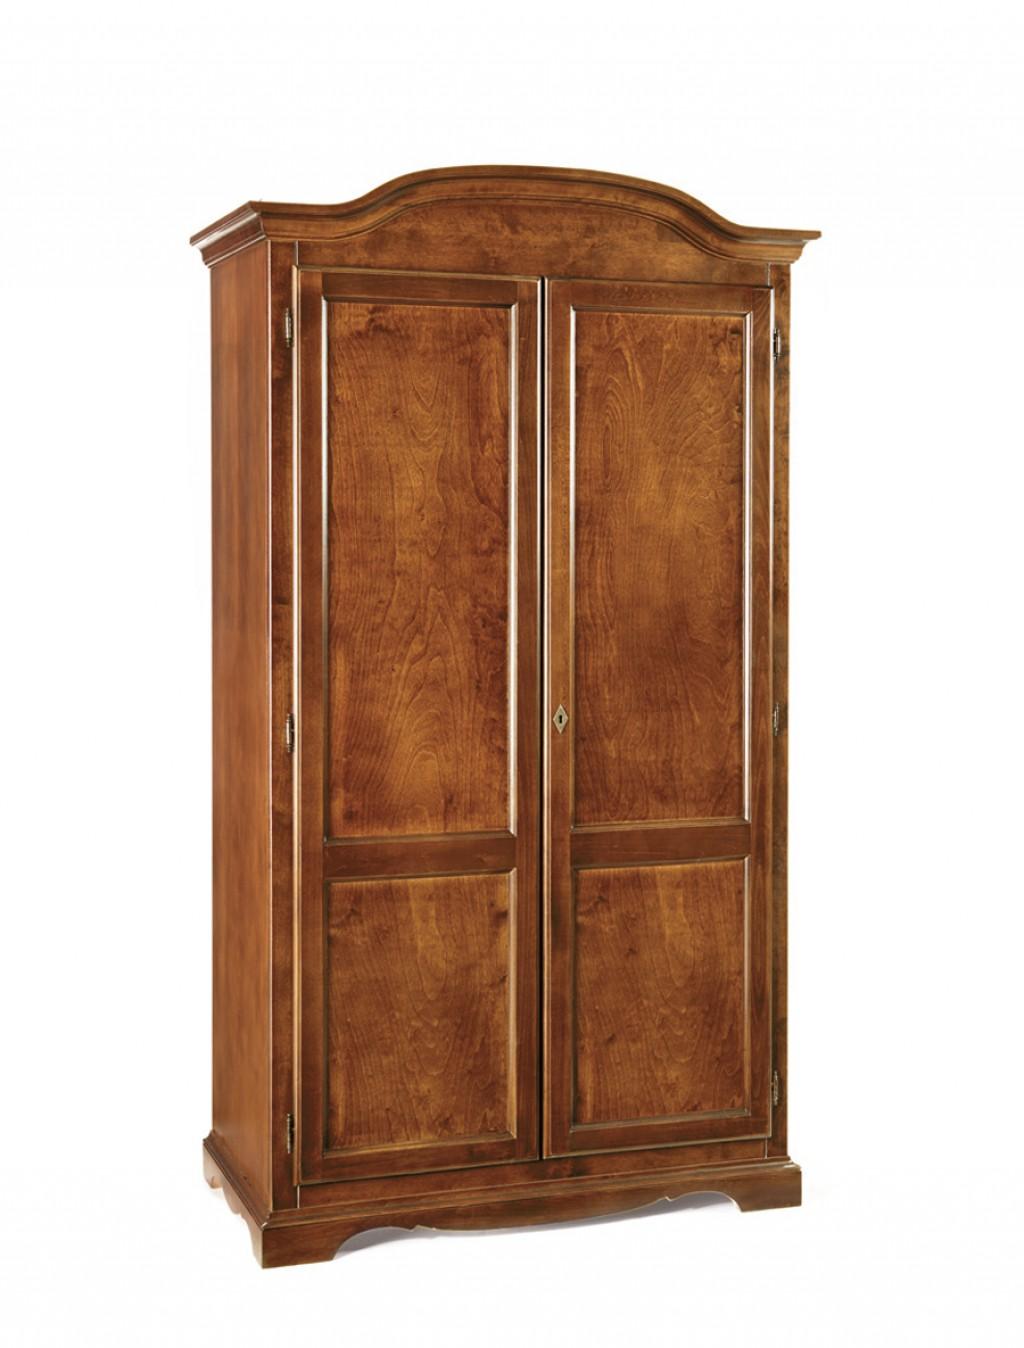 Armadio classico et275 cucine mobili di qualit al giusto prezzo milano monza brianza - Bonus mobili iva ...